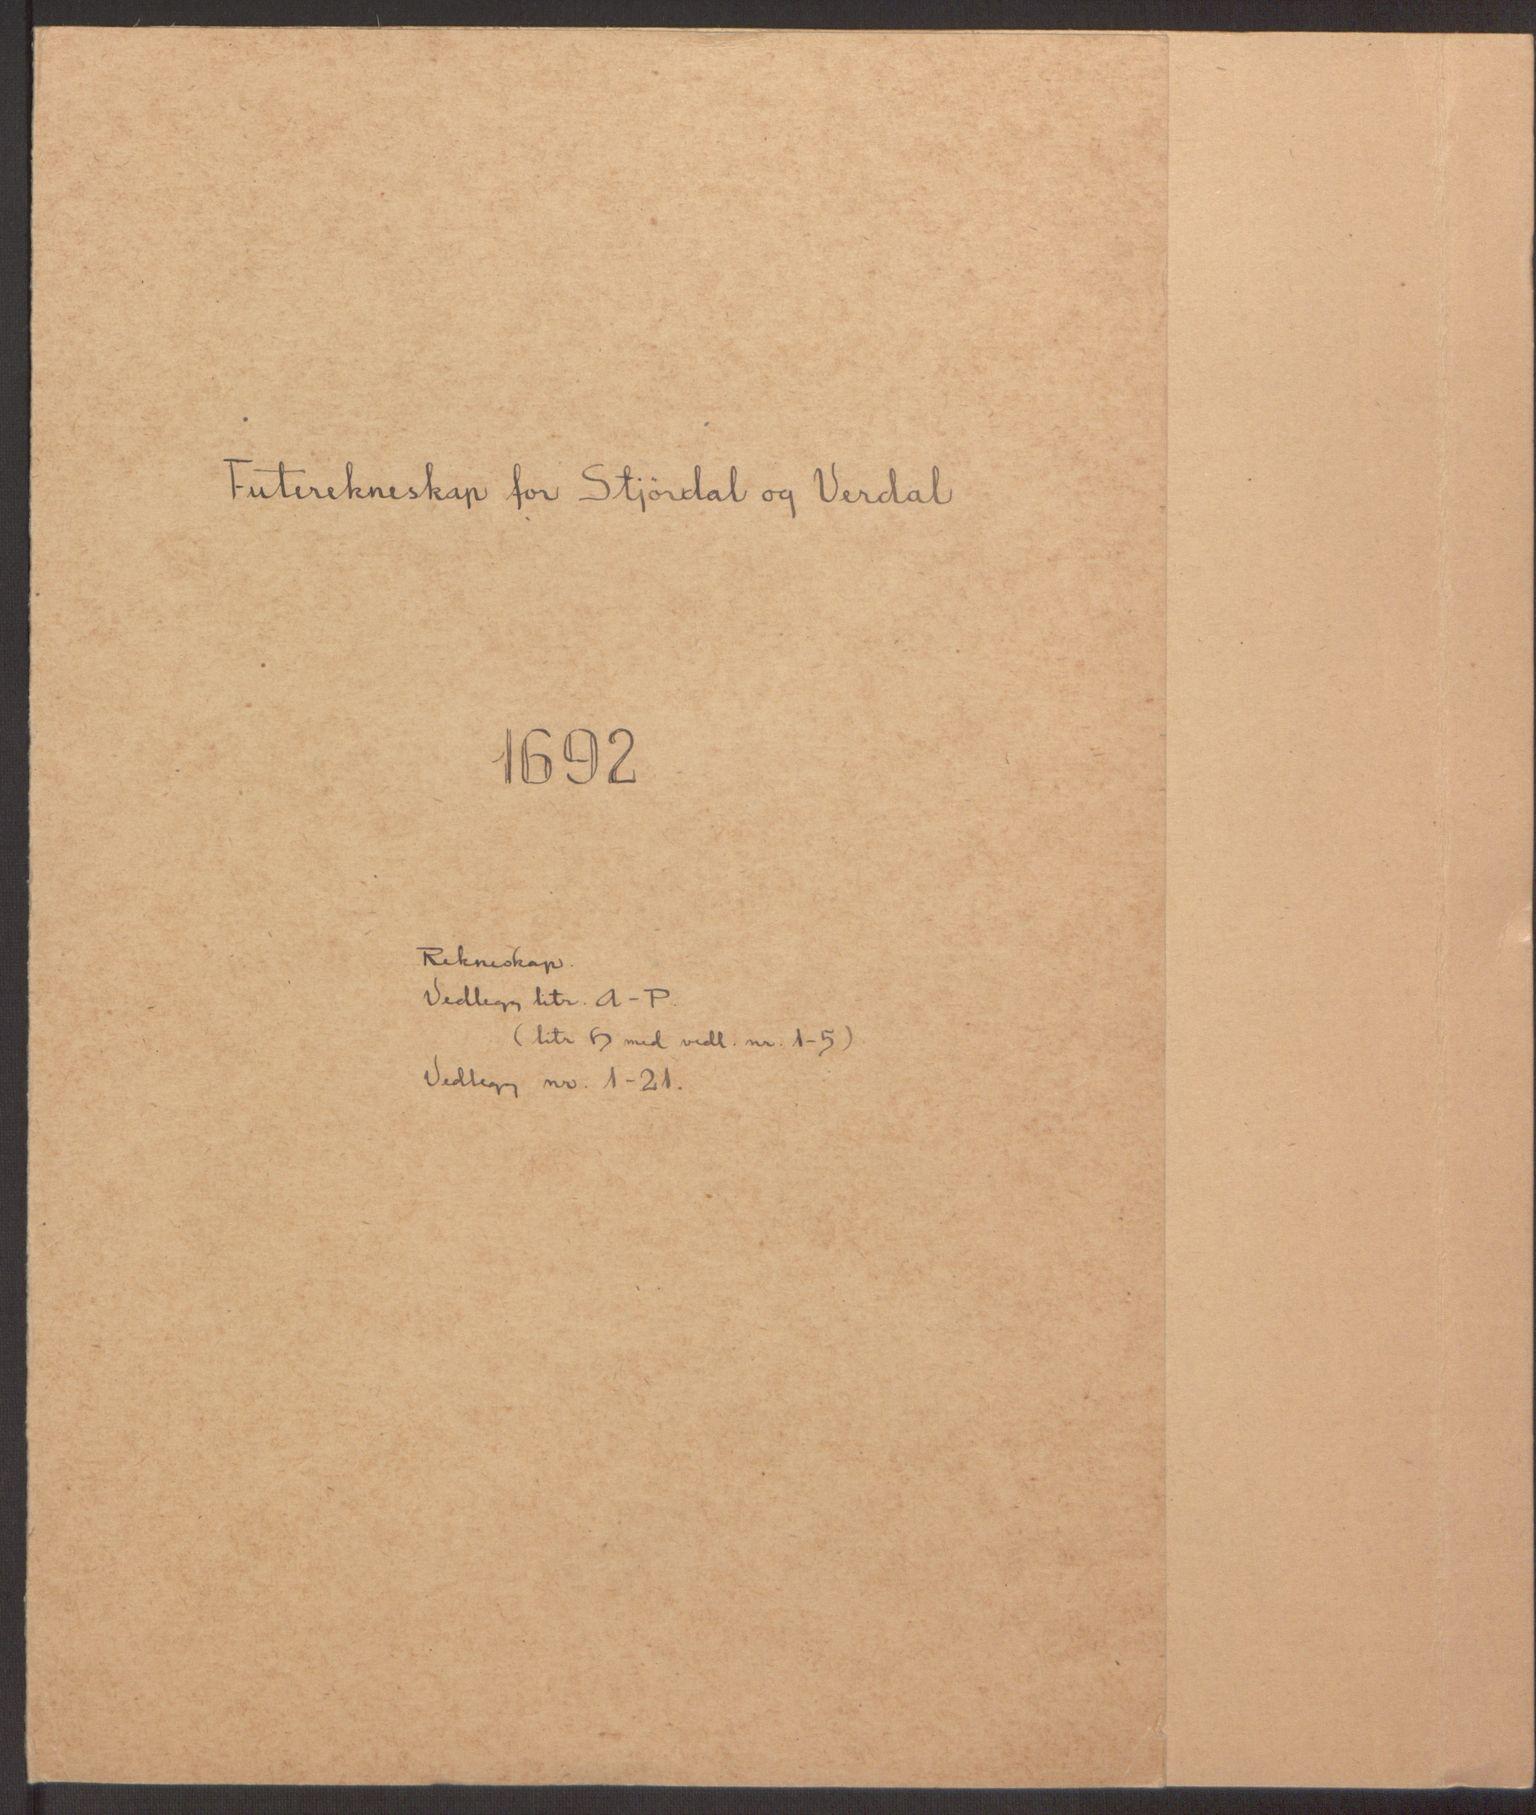 RA, Rentekammeret inntil 1814, Reviderte regnskaper, Fogderegnskap, R62/L4185: Fogderegnskap Stjørdal og Verdal, 1692, s. 2